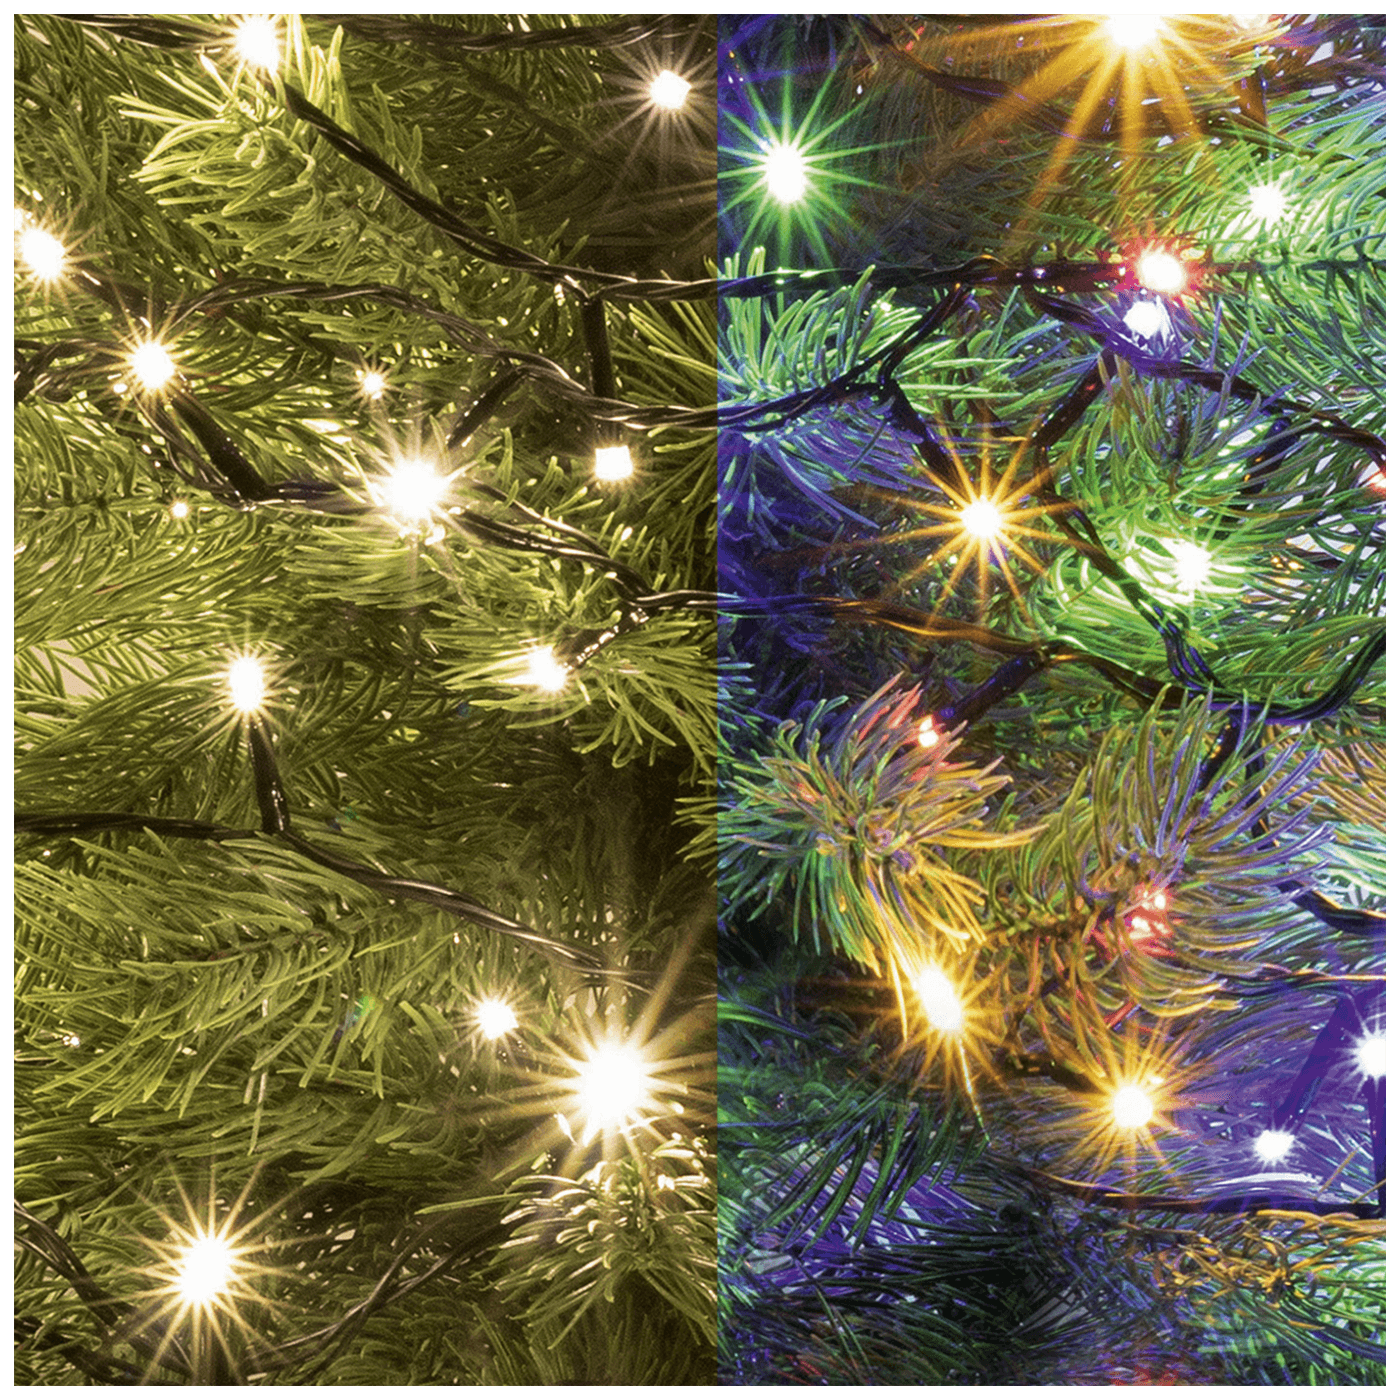 Dekorativna LED rasvjeta, 2u1